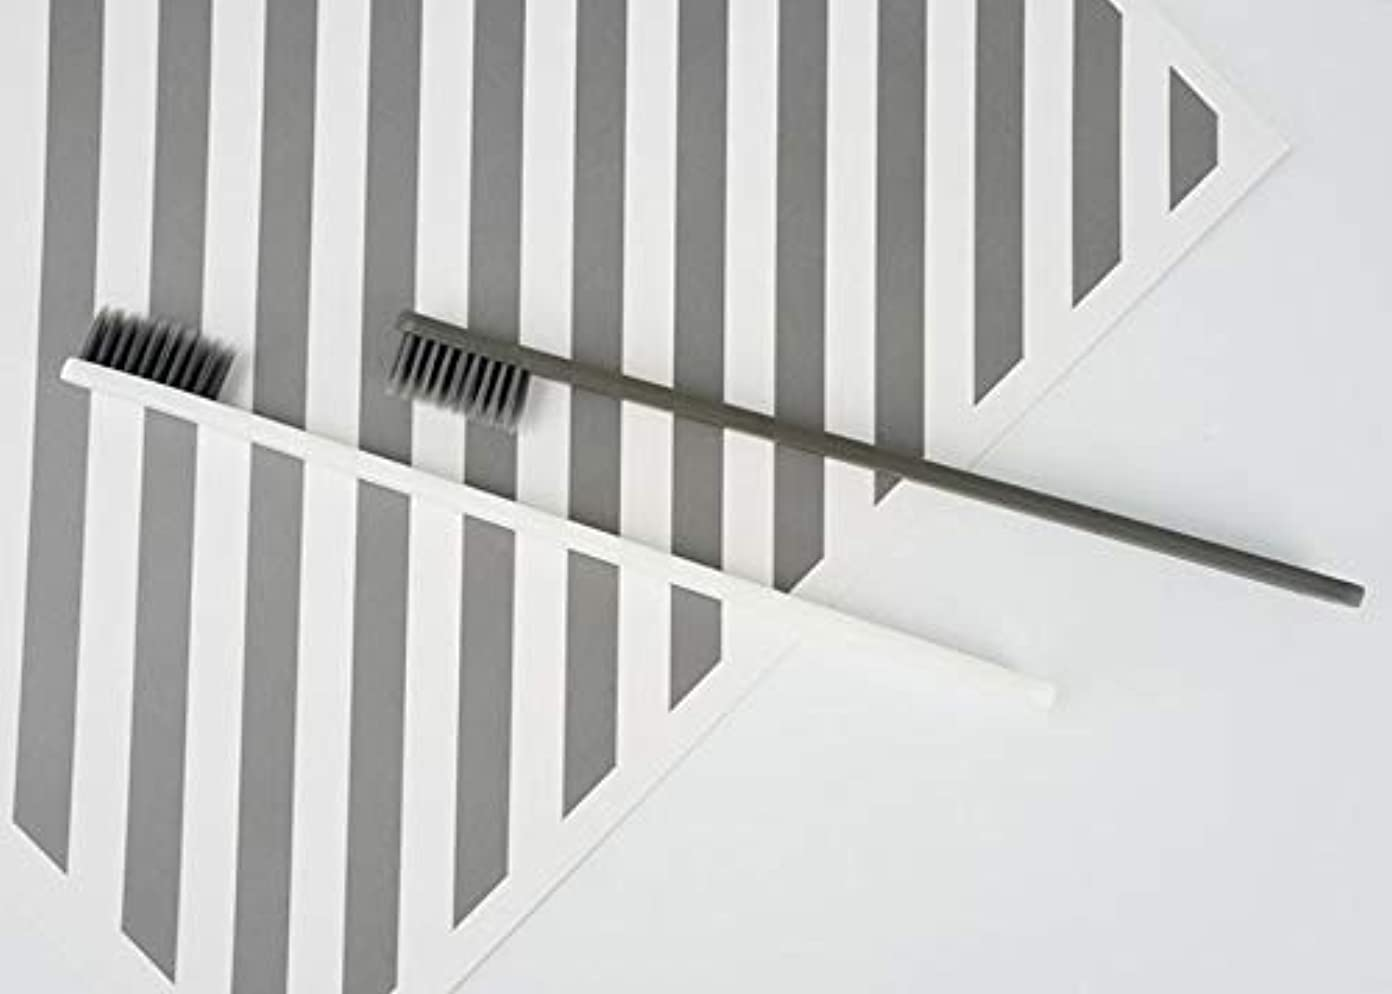 フリンジバレエ影響力のあるホテル歯ブラシ - 5個のファッション 活性炭歯ブラシ 家族のための 口腔洗浄ツール(グレー)